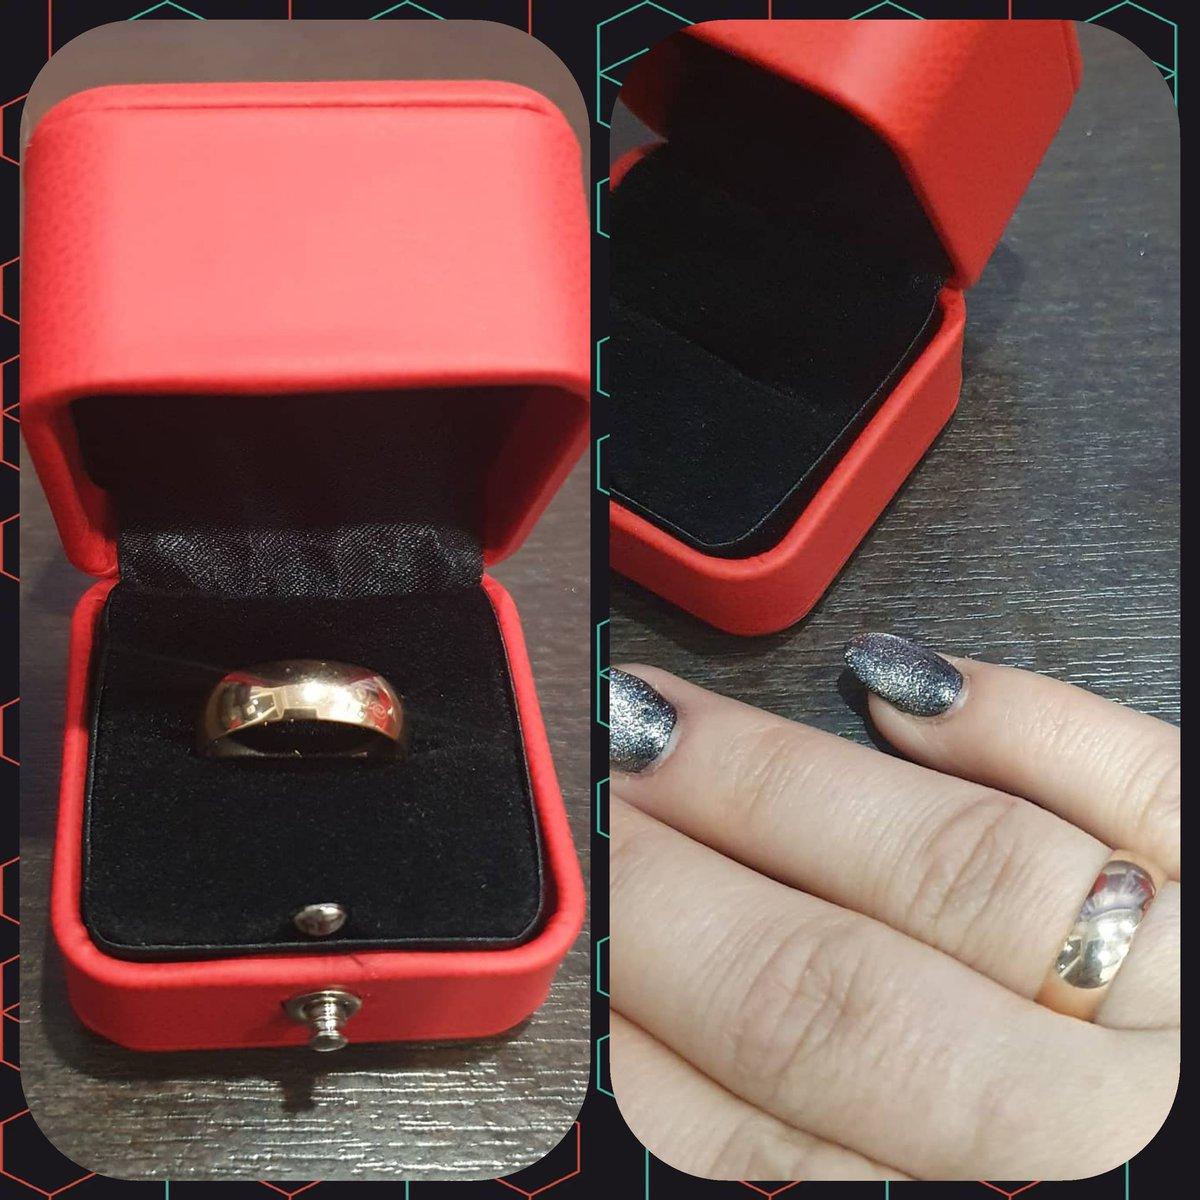 Шикарное обручальное кольцо.